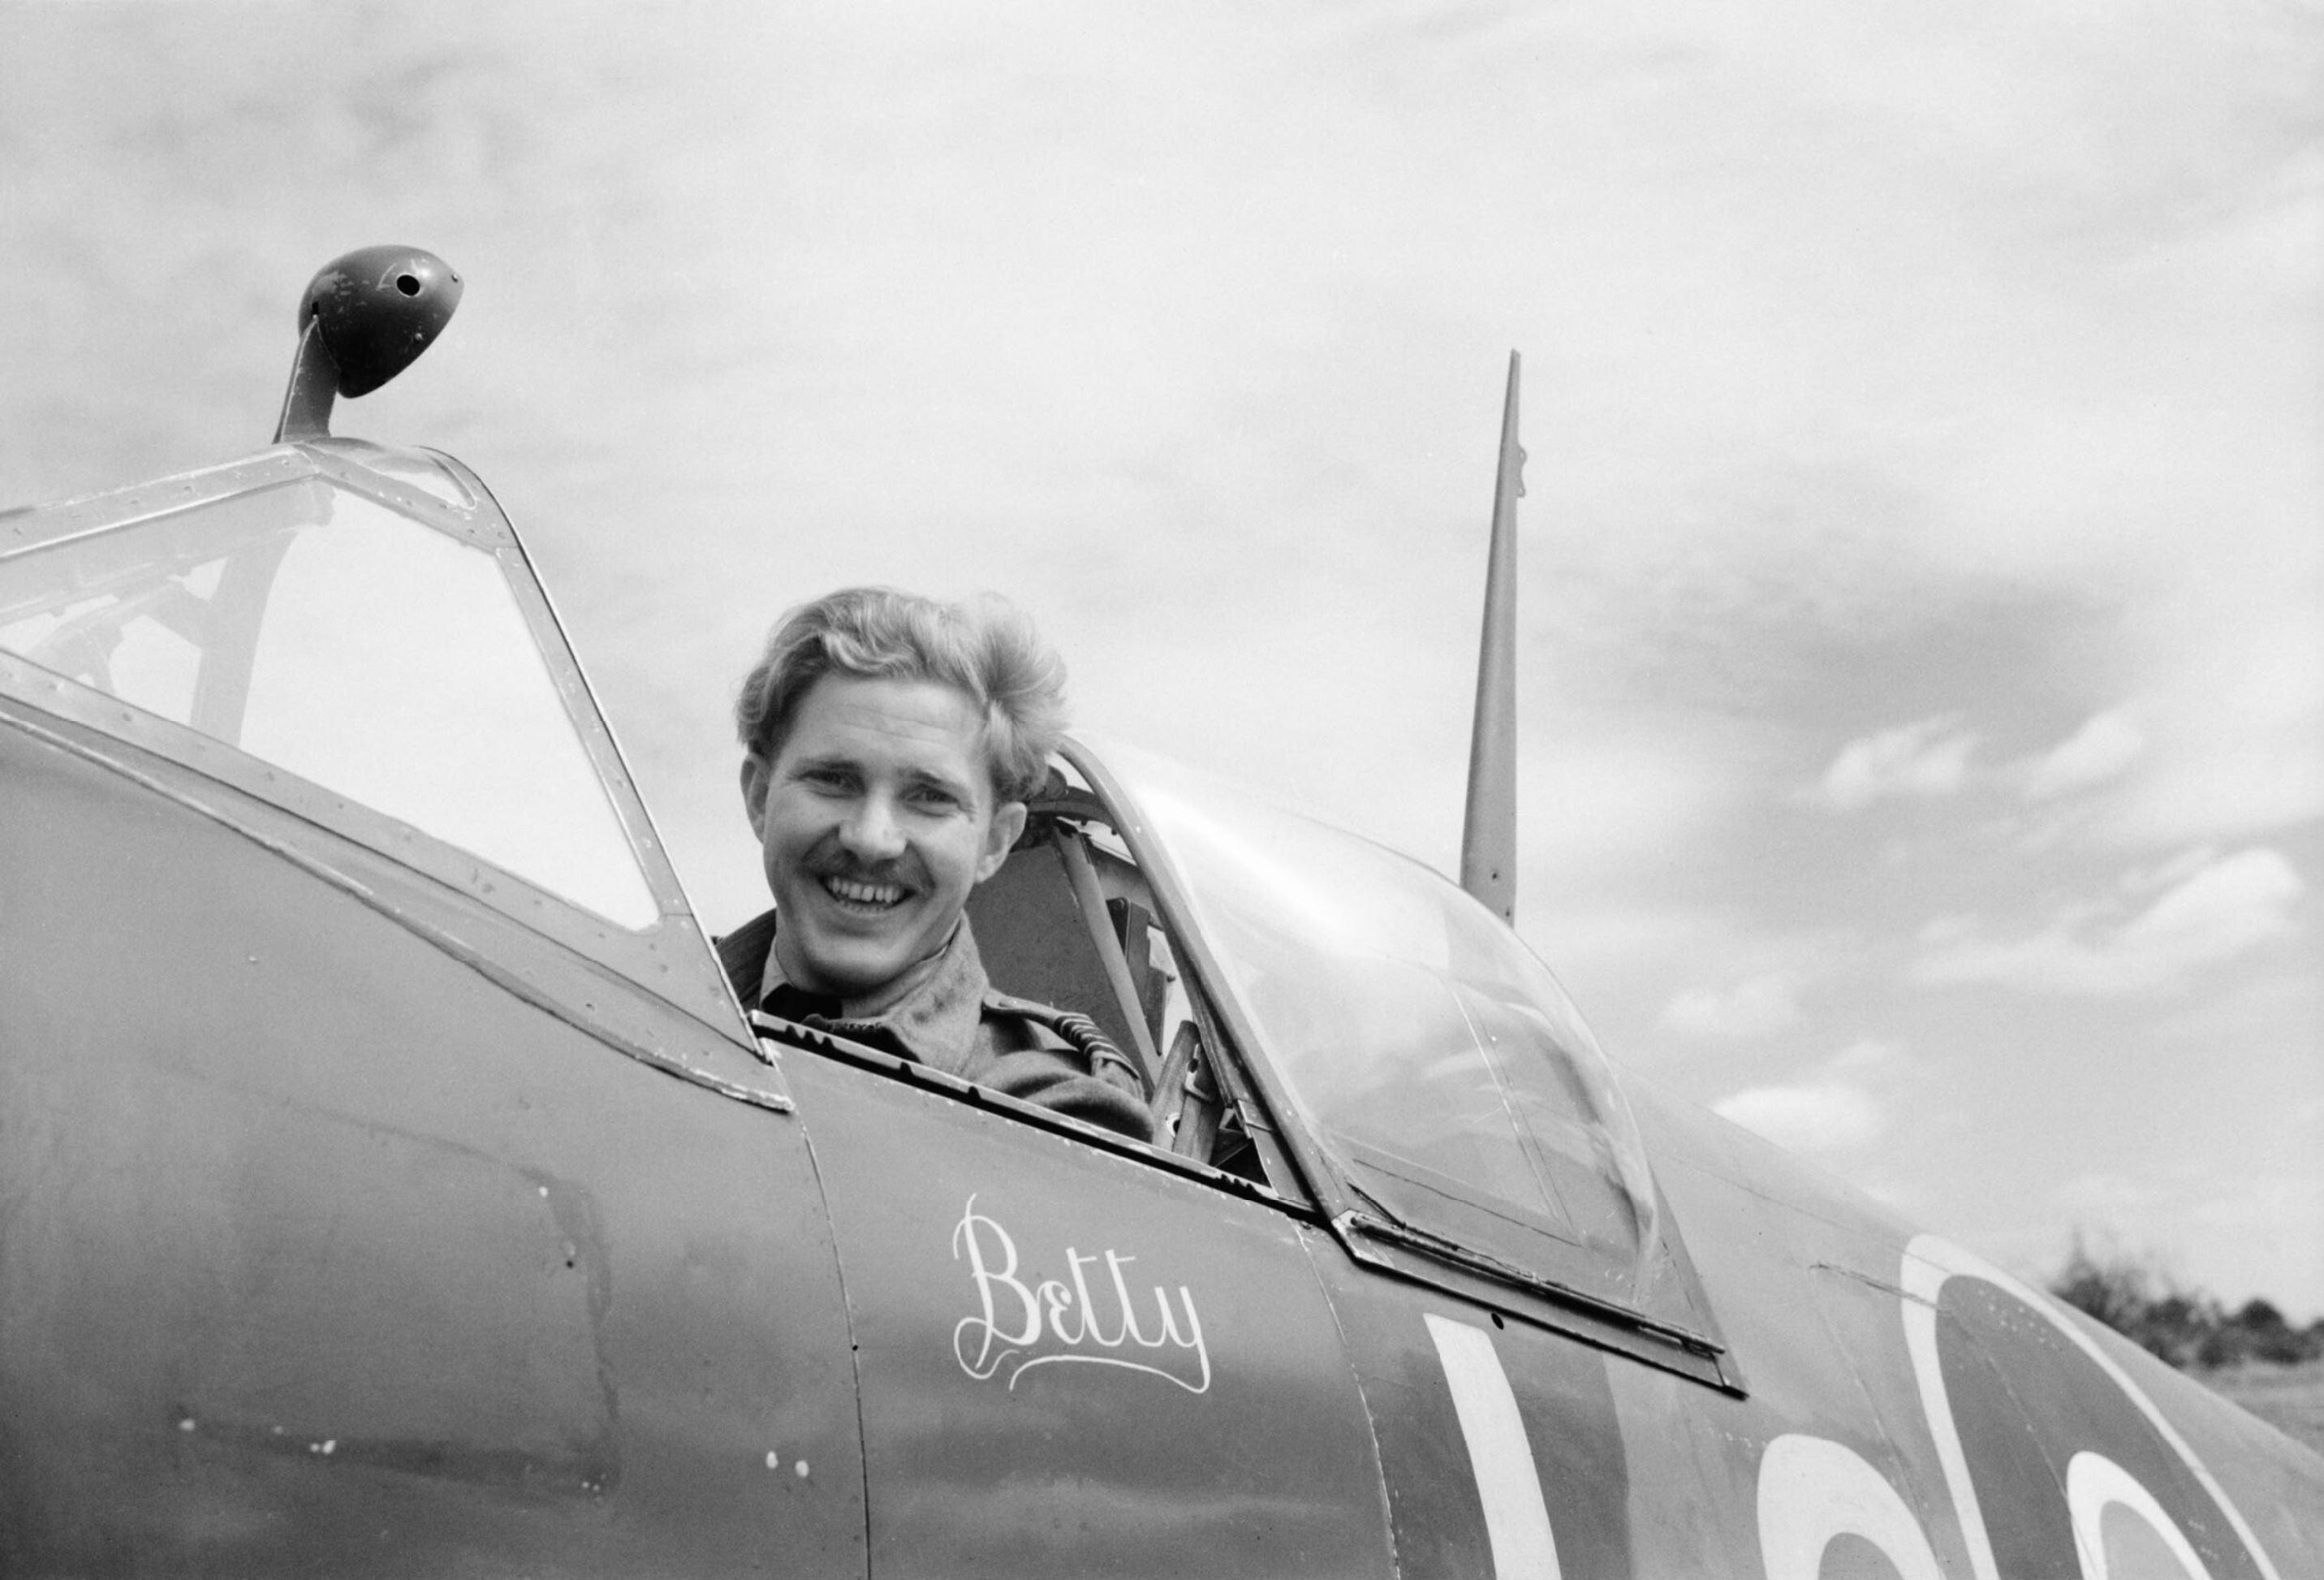 Spitfire MkIX RAF 602Sqn Betty Sqn Ldr JJ Le Roux C0 at B11 Longues Normandy IWM CL784